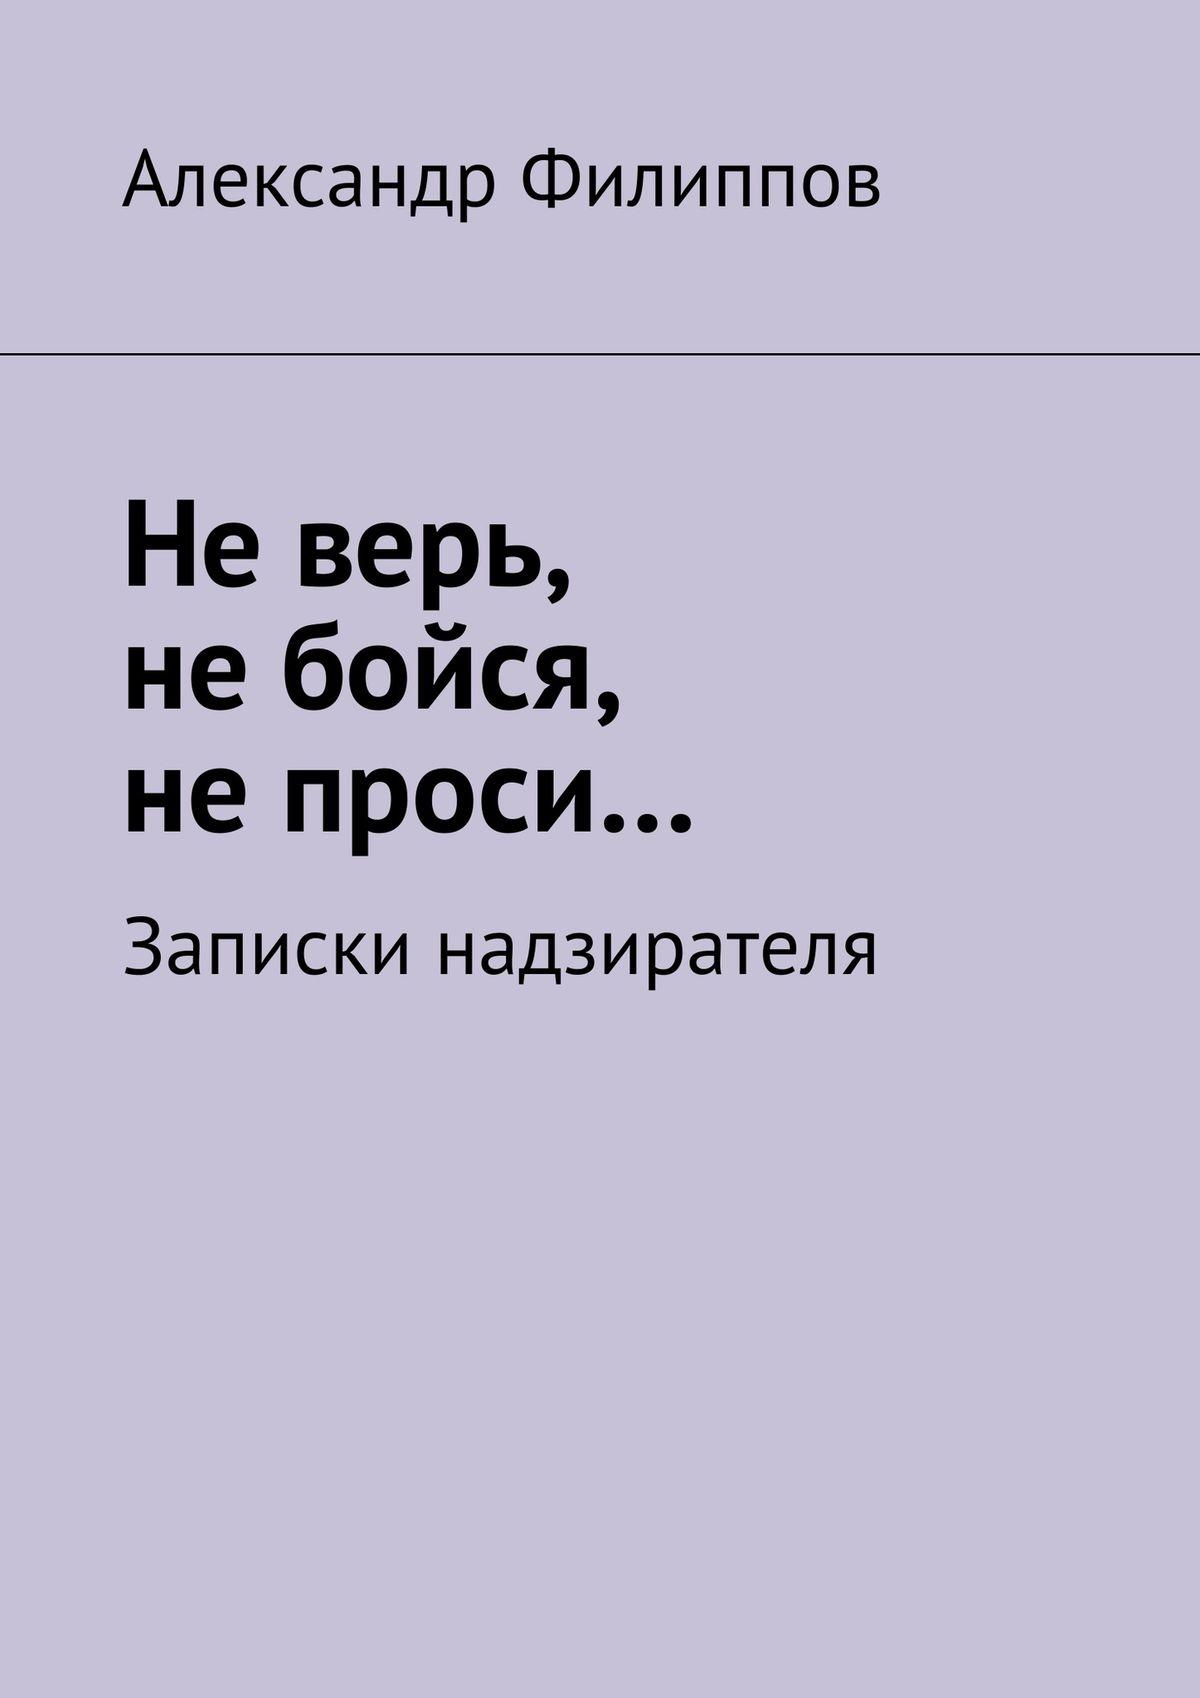 Фото - Александр Филиппов Не верь, не бойся, не проси… Записки надзирателя (сборник) крамер марина не верь не бойся отпусти